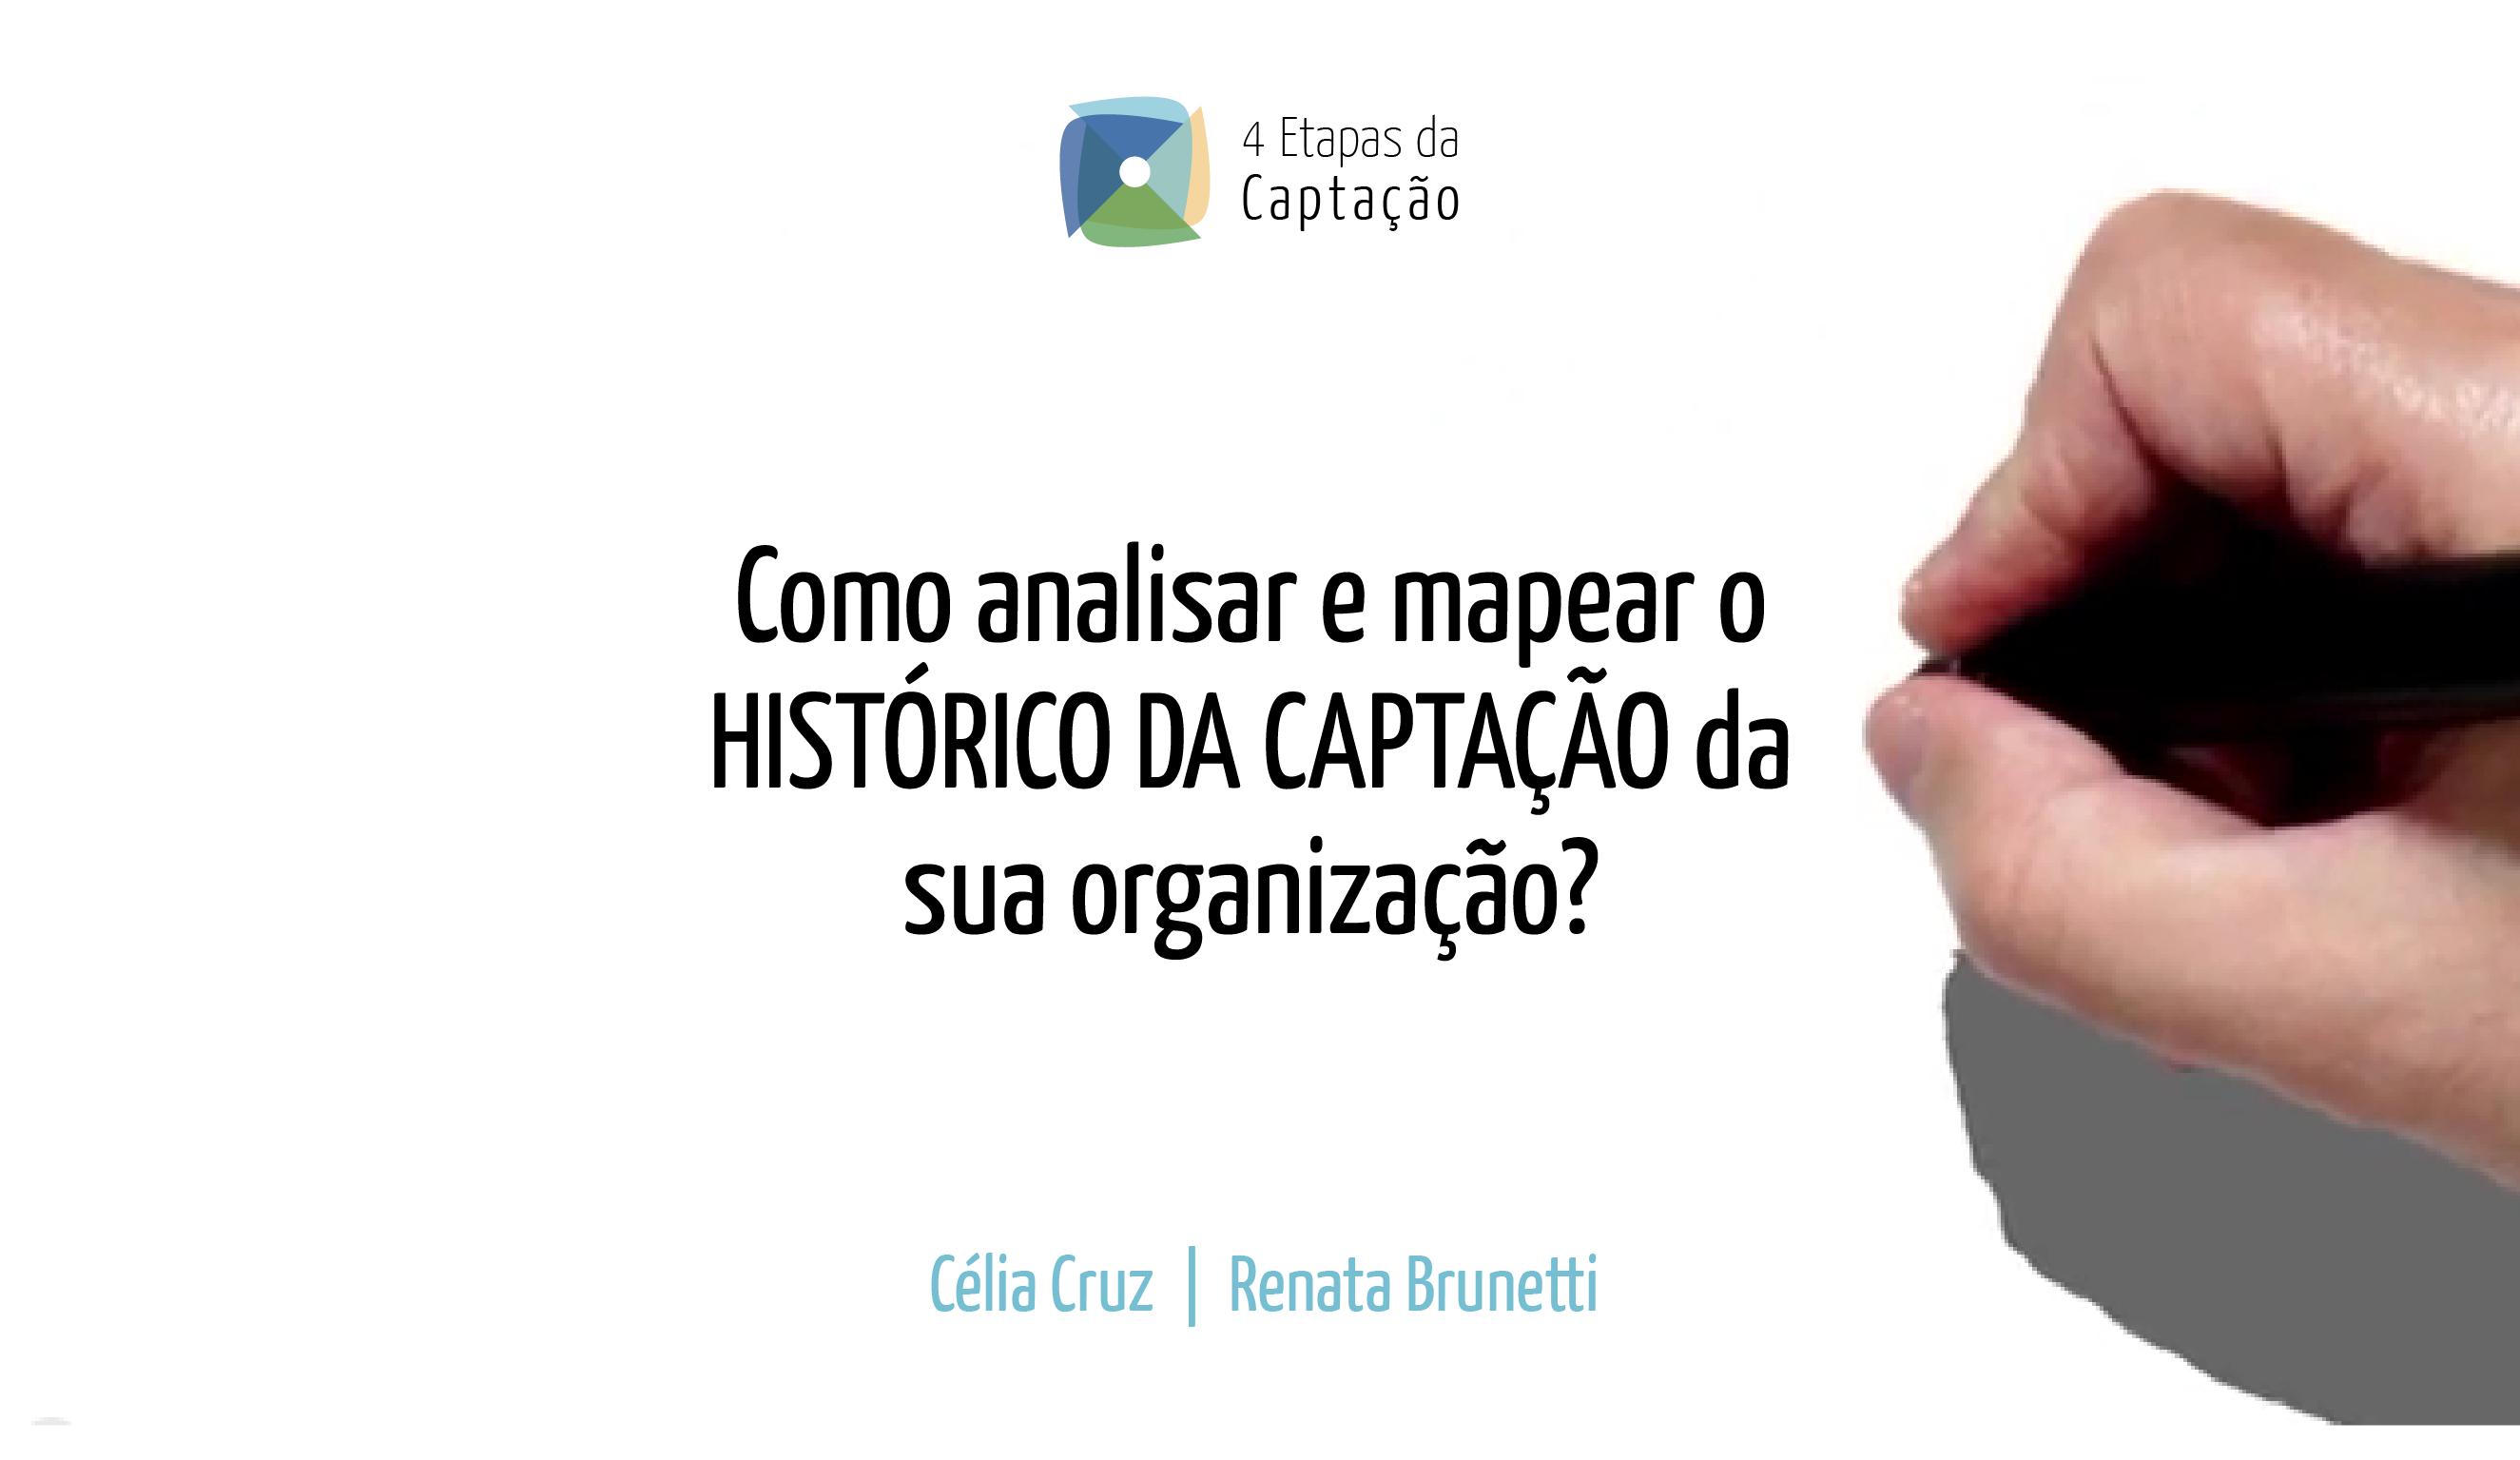 Como analisar e mapear o HISTORICO DA CAPTACAO da sua organizacao